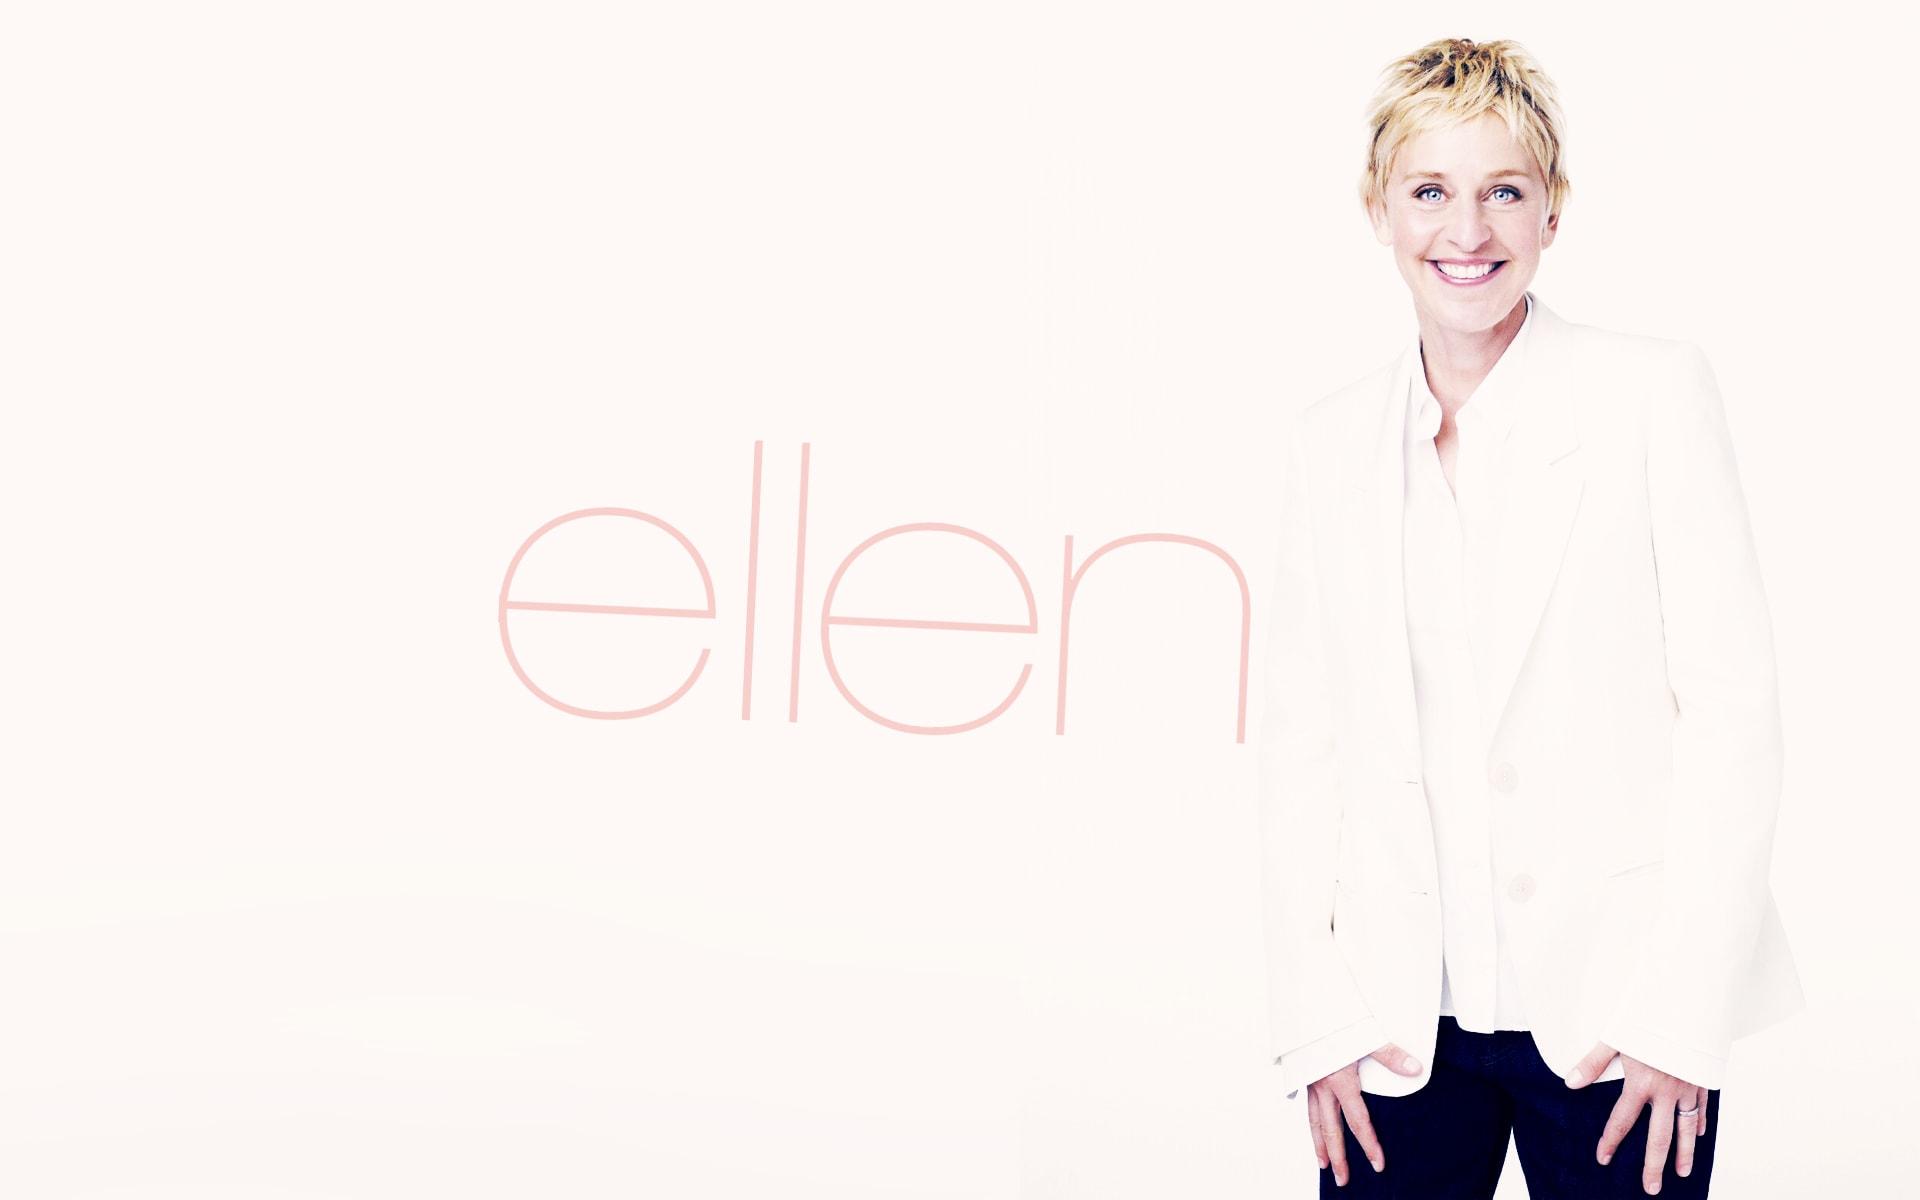 Ellen Degeneres Pictures